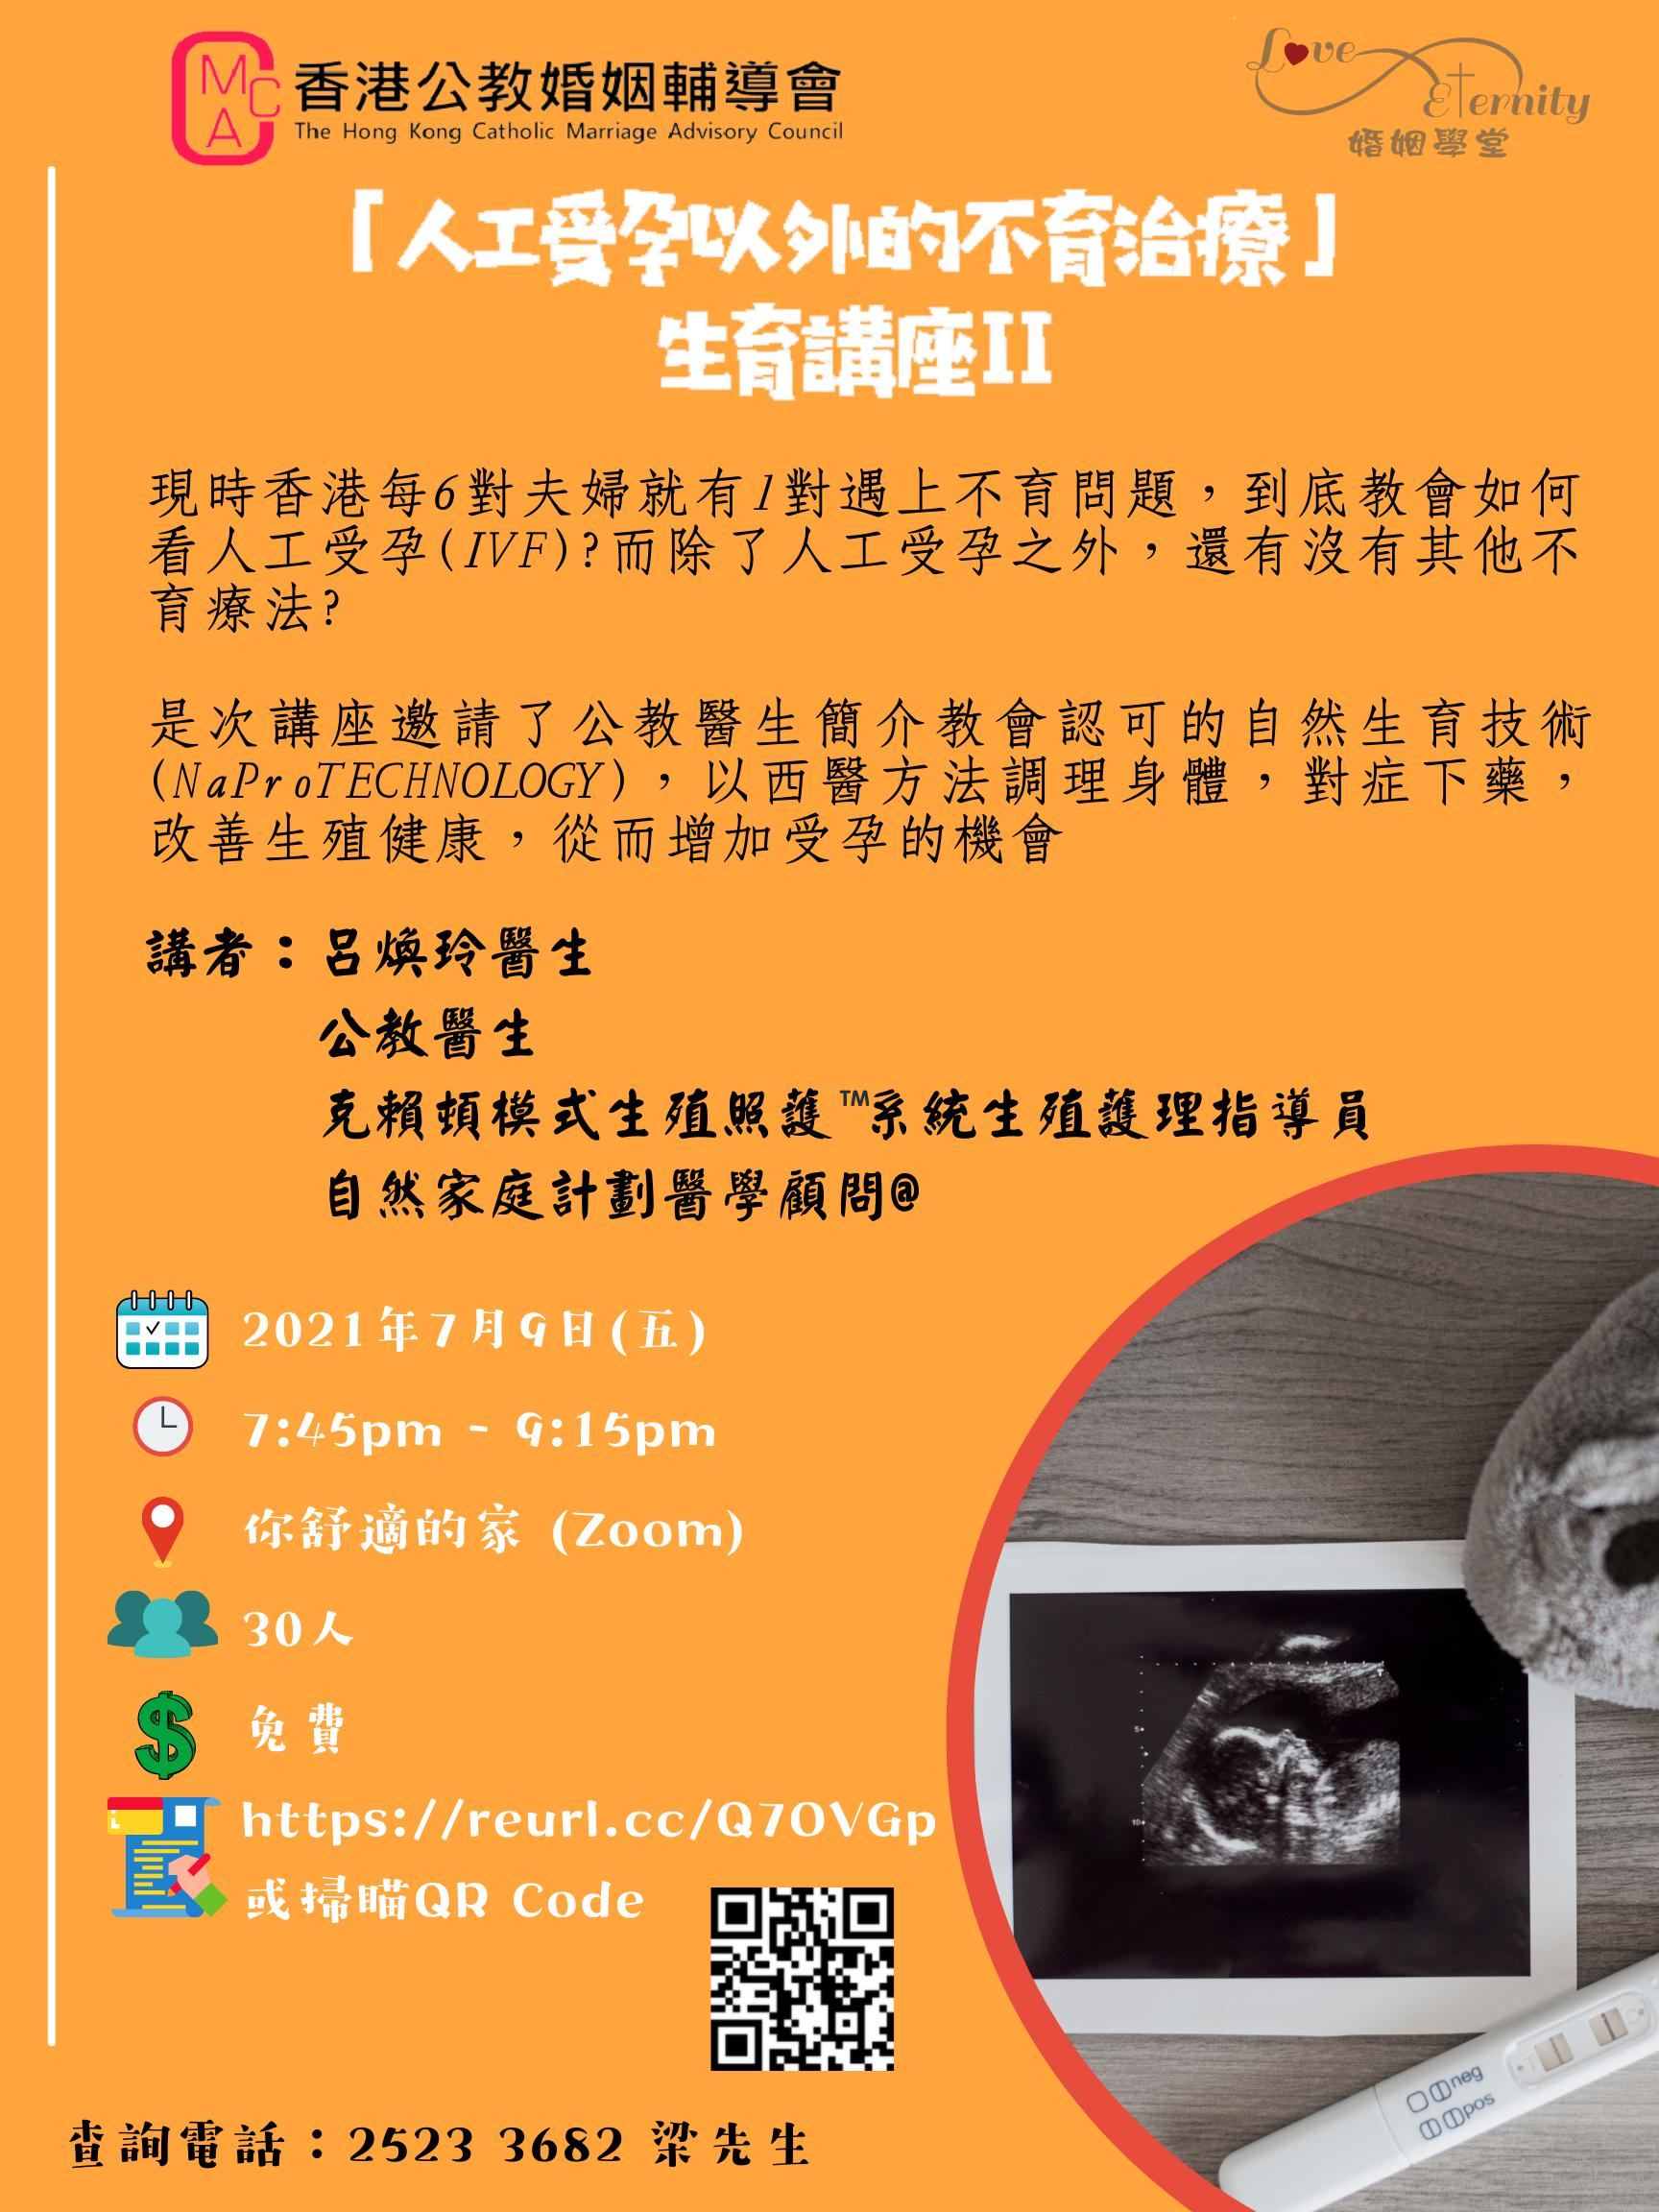 「人工授孕以外的不育治療」生育講座II